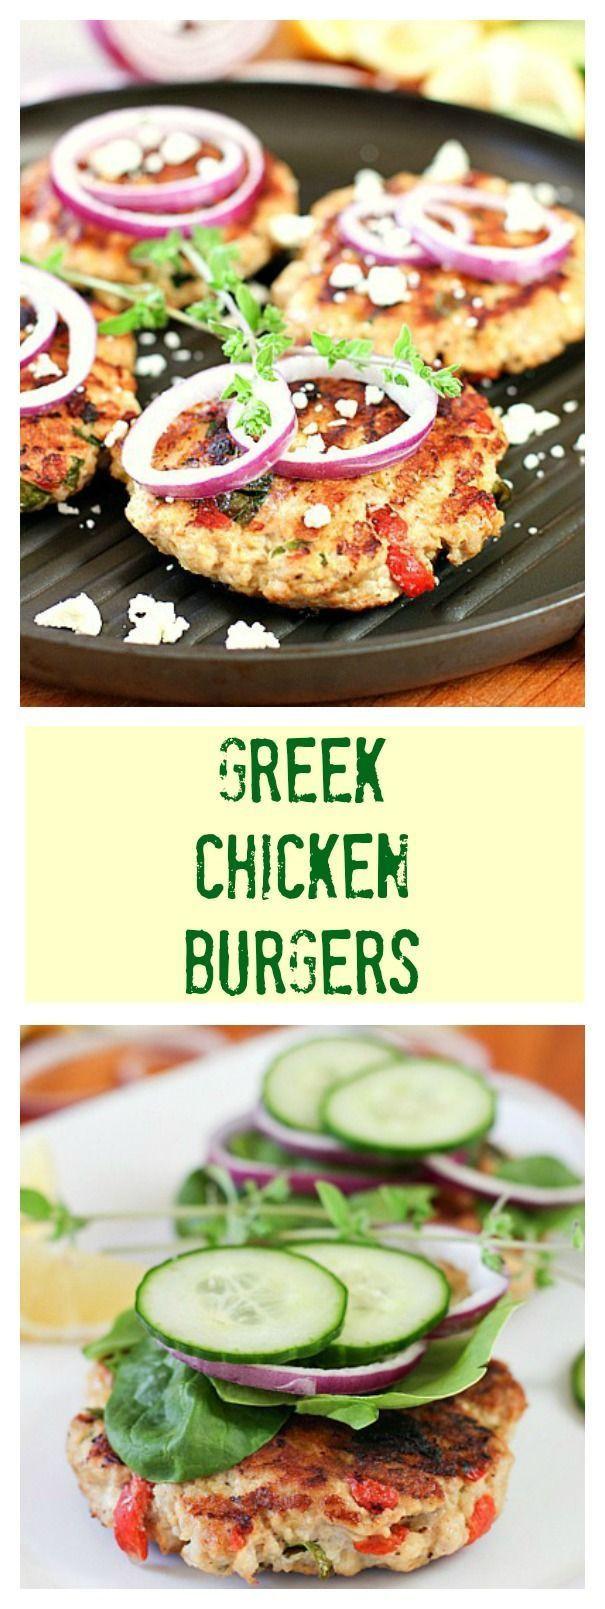 Healthy Ground Chicken Recipes  Best 20 Healthy Ground Chicken Recipes ideas on Pinterest